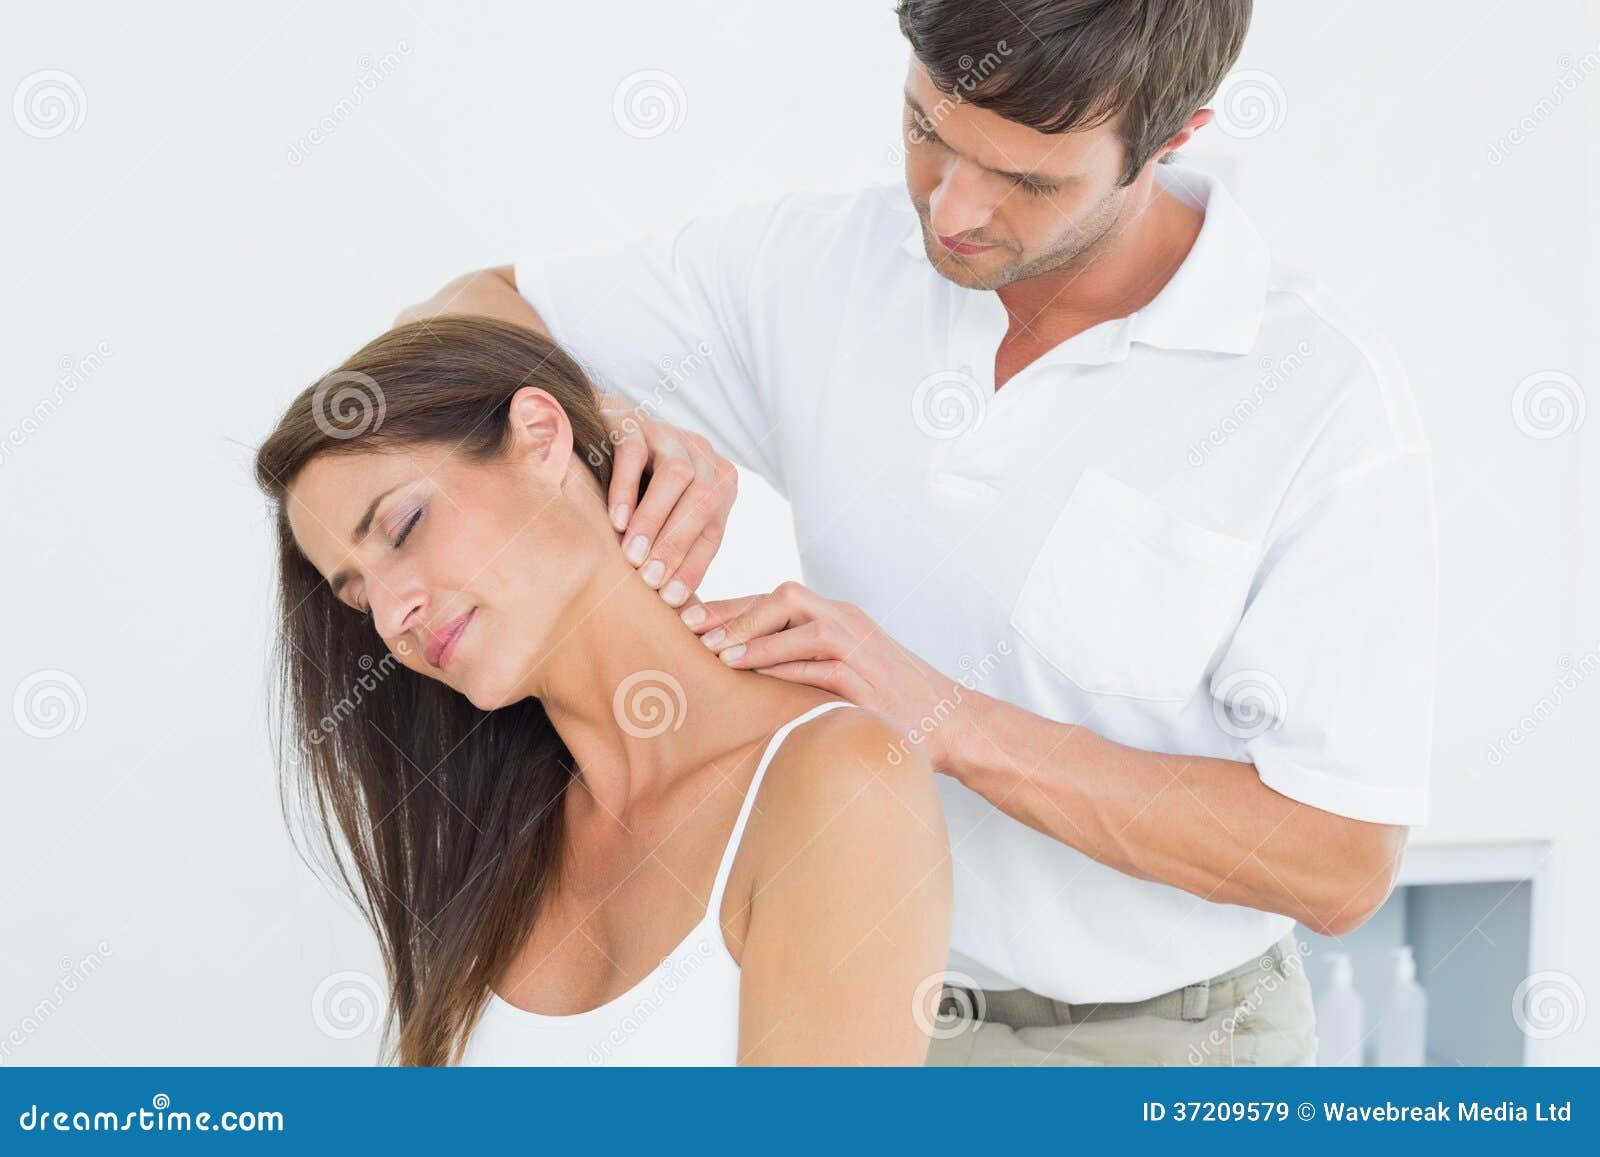 少妇给男人喂_按摩一个少妇脖子的男性按摩医生在医疗办公室.